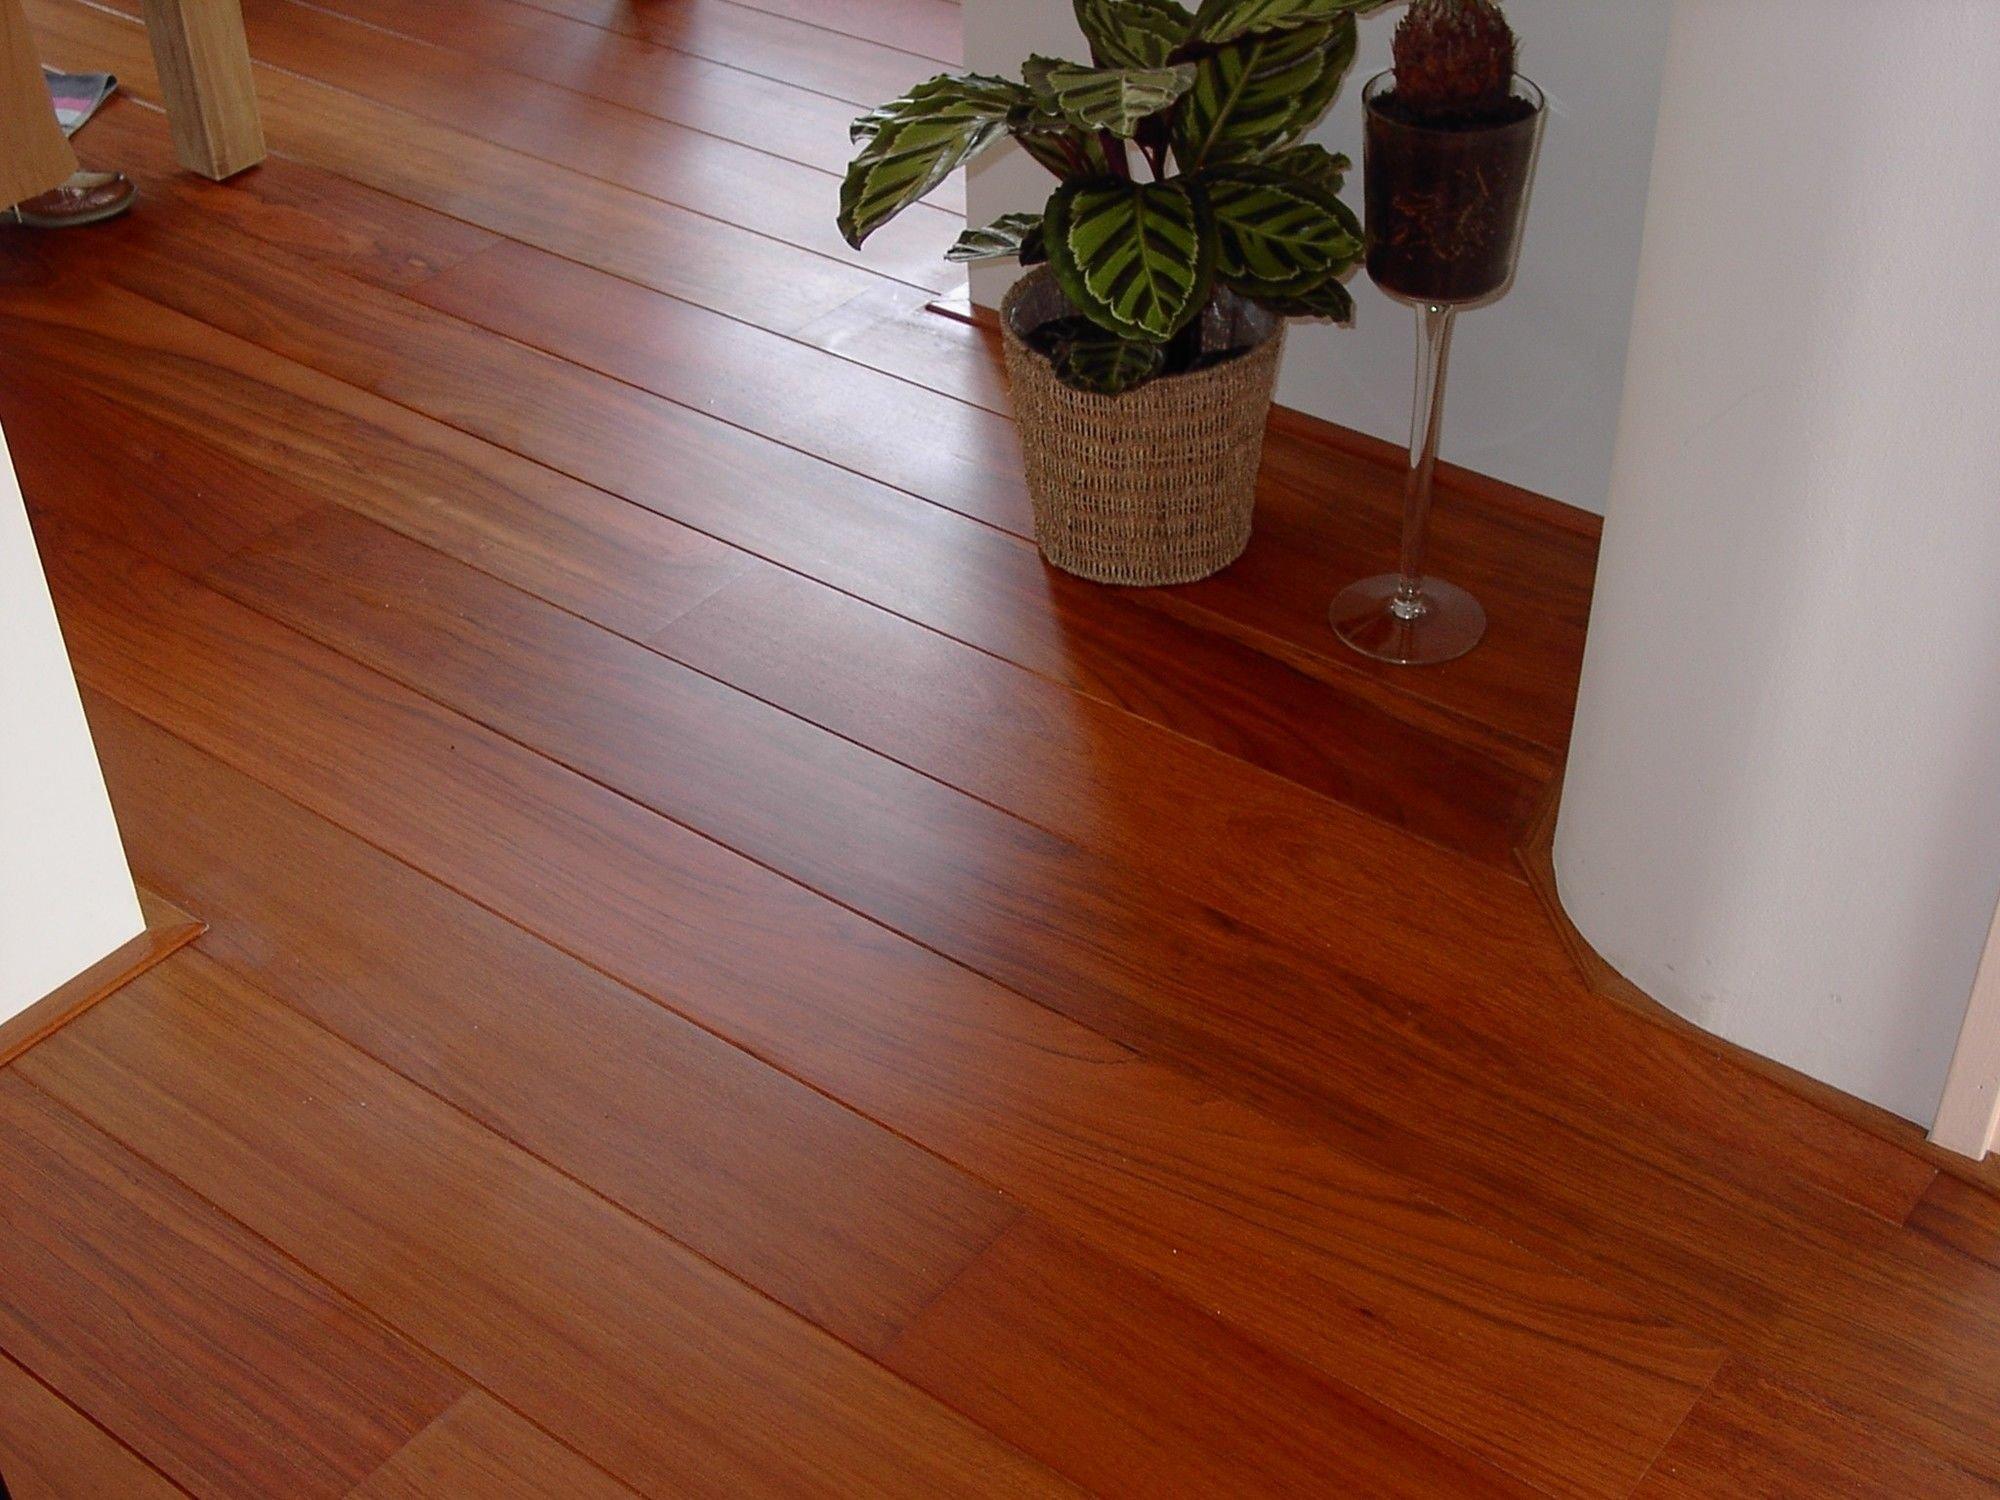 Houten Vloerdelen Aanbieding : Jatoba houten vloer aanbieding compleet geplaatst incl randaf